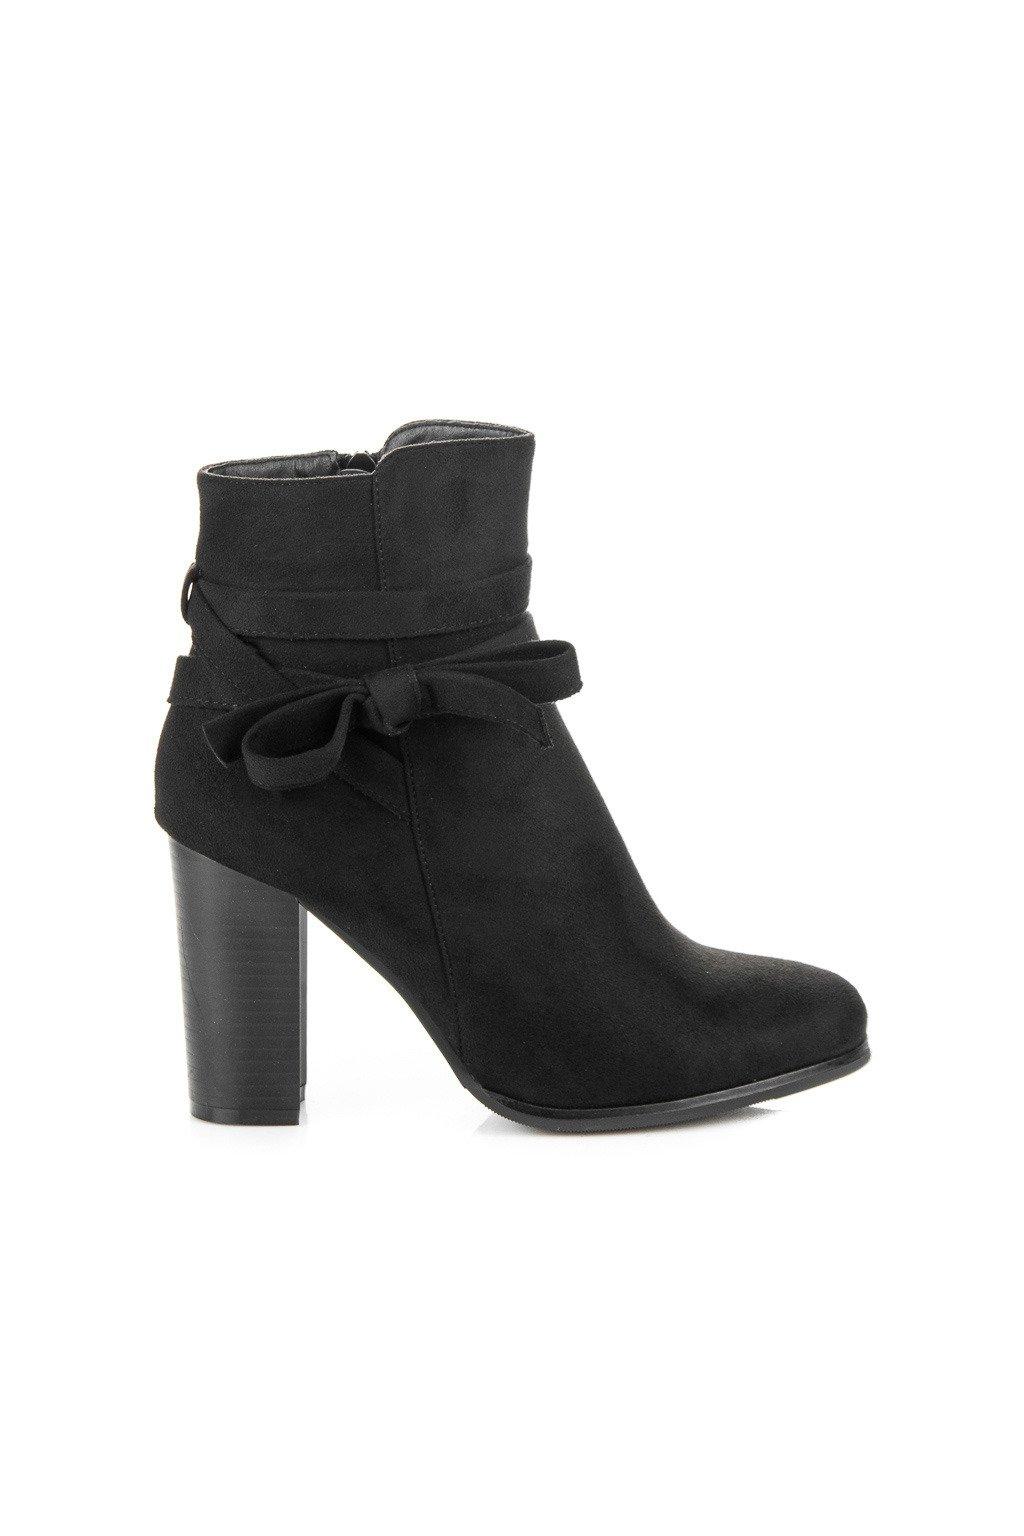 Čierne topánky s mašľou H197B 43e38a72145